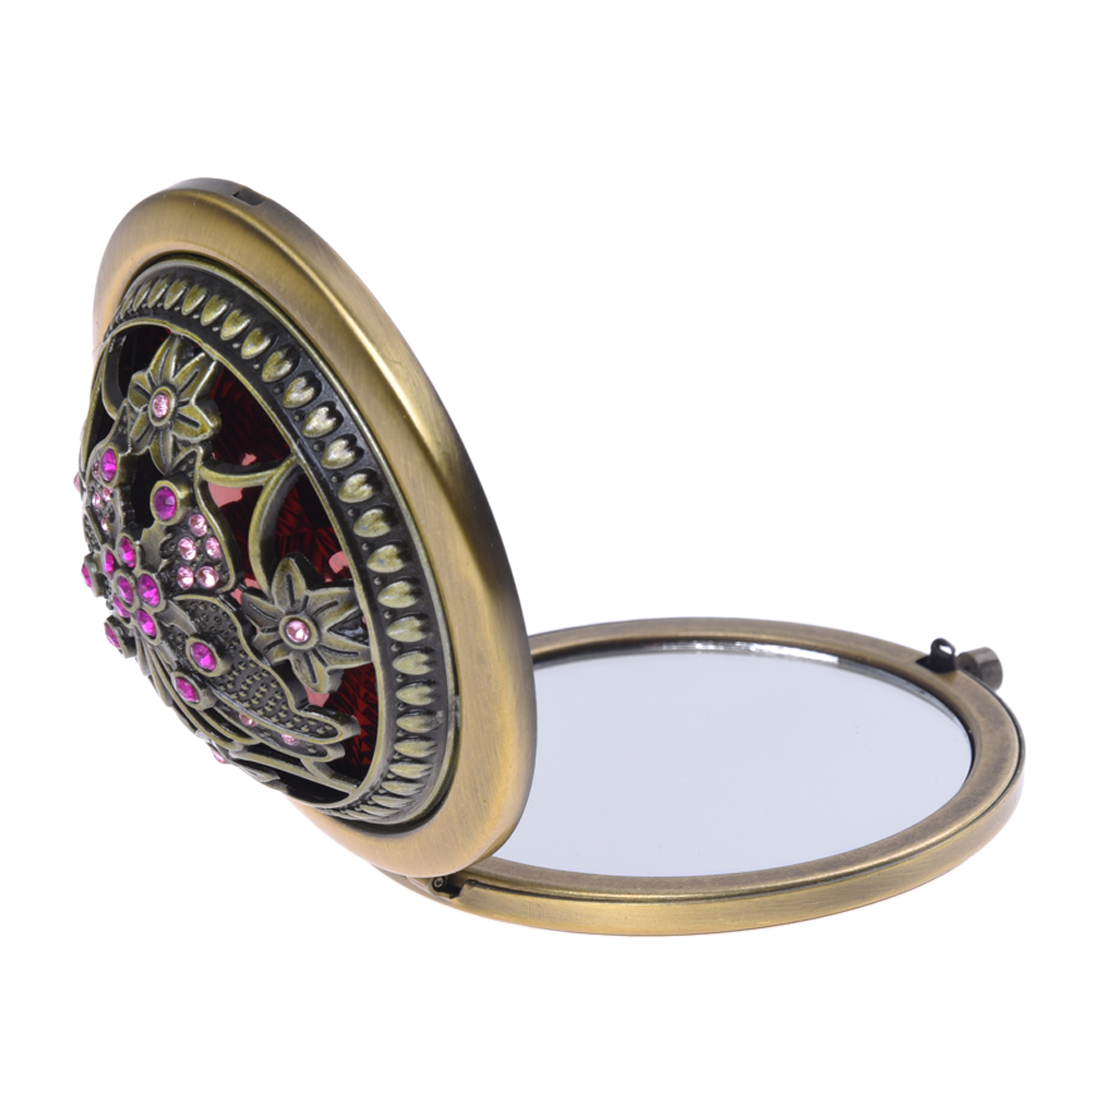 Fein Bronze Spiegel Retro Kompakte/reise/tasche Beleuchtet Schönheit Make-up Spiegel Neue Clear-Cut-Textur Schönheit & Gesundheit Haut Pflege Werkzeuge